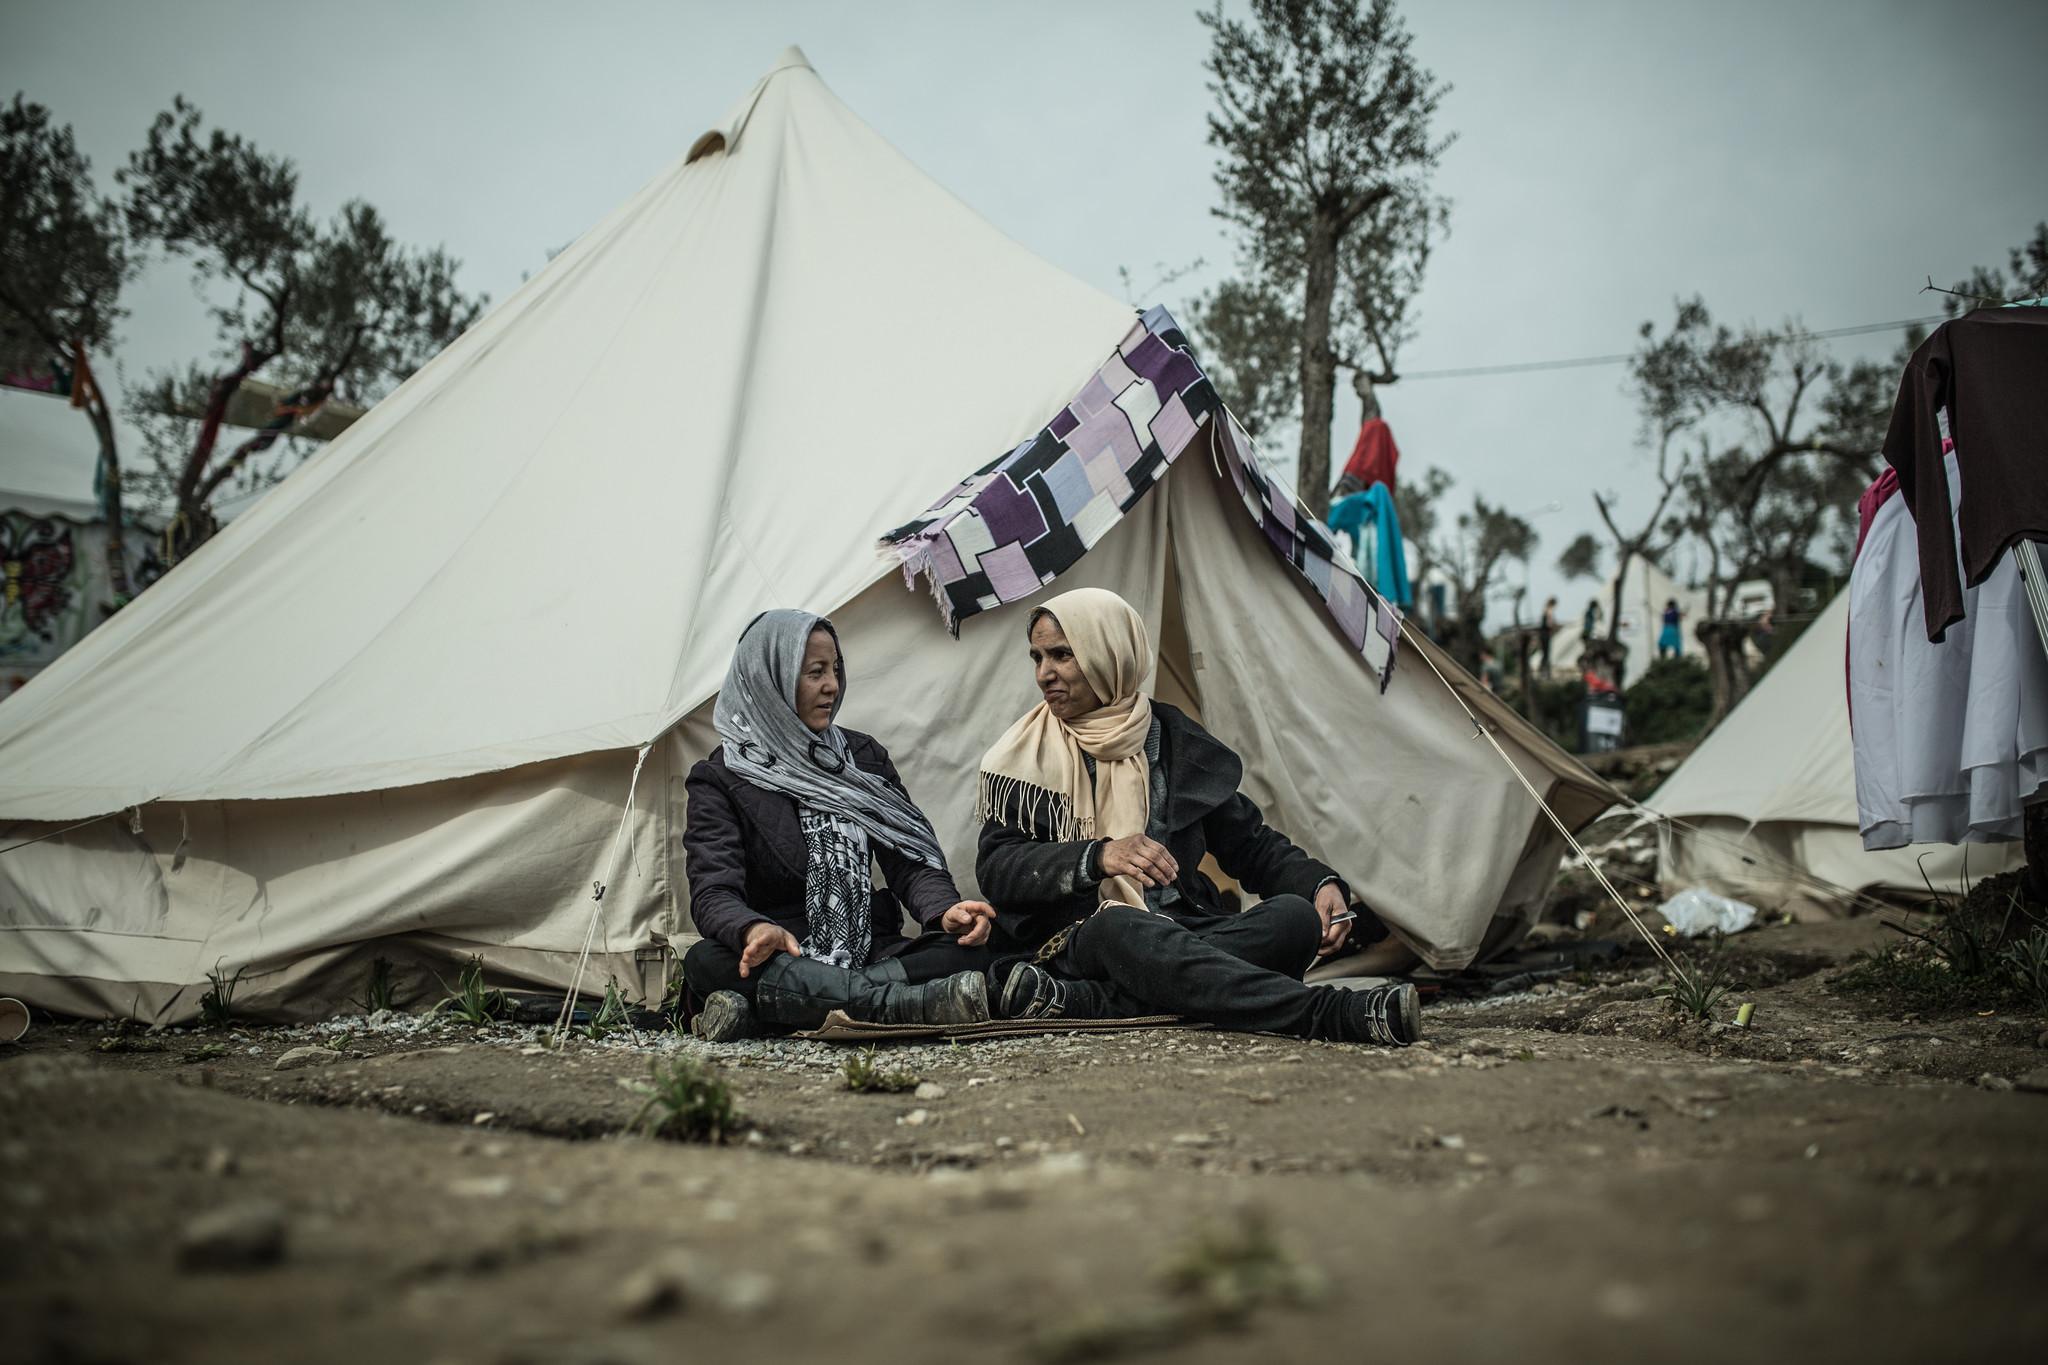 Mujeres refugiadas afganas en el campo de Moria, Grecia. Foto: Pablo Tosco/Oxfam